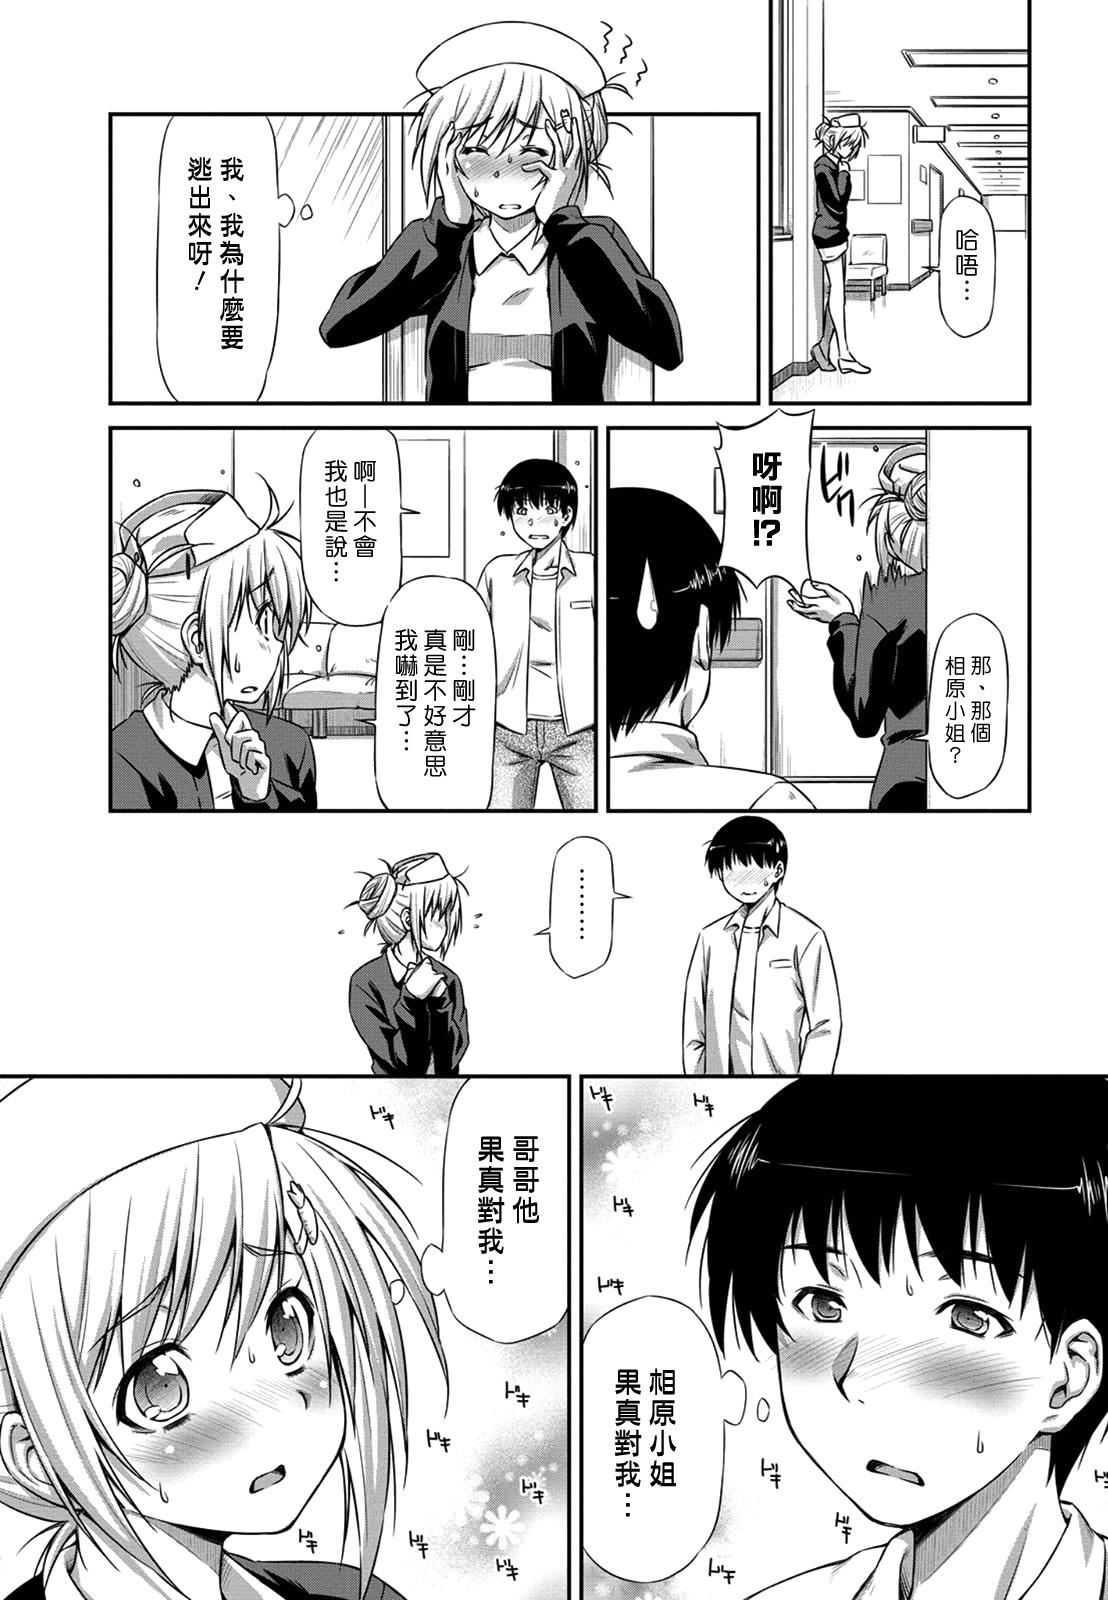 Giyaku no Shohousen 8